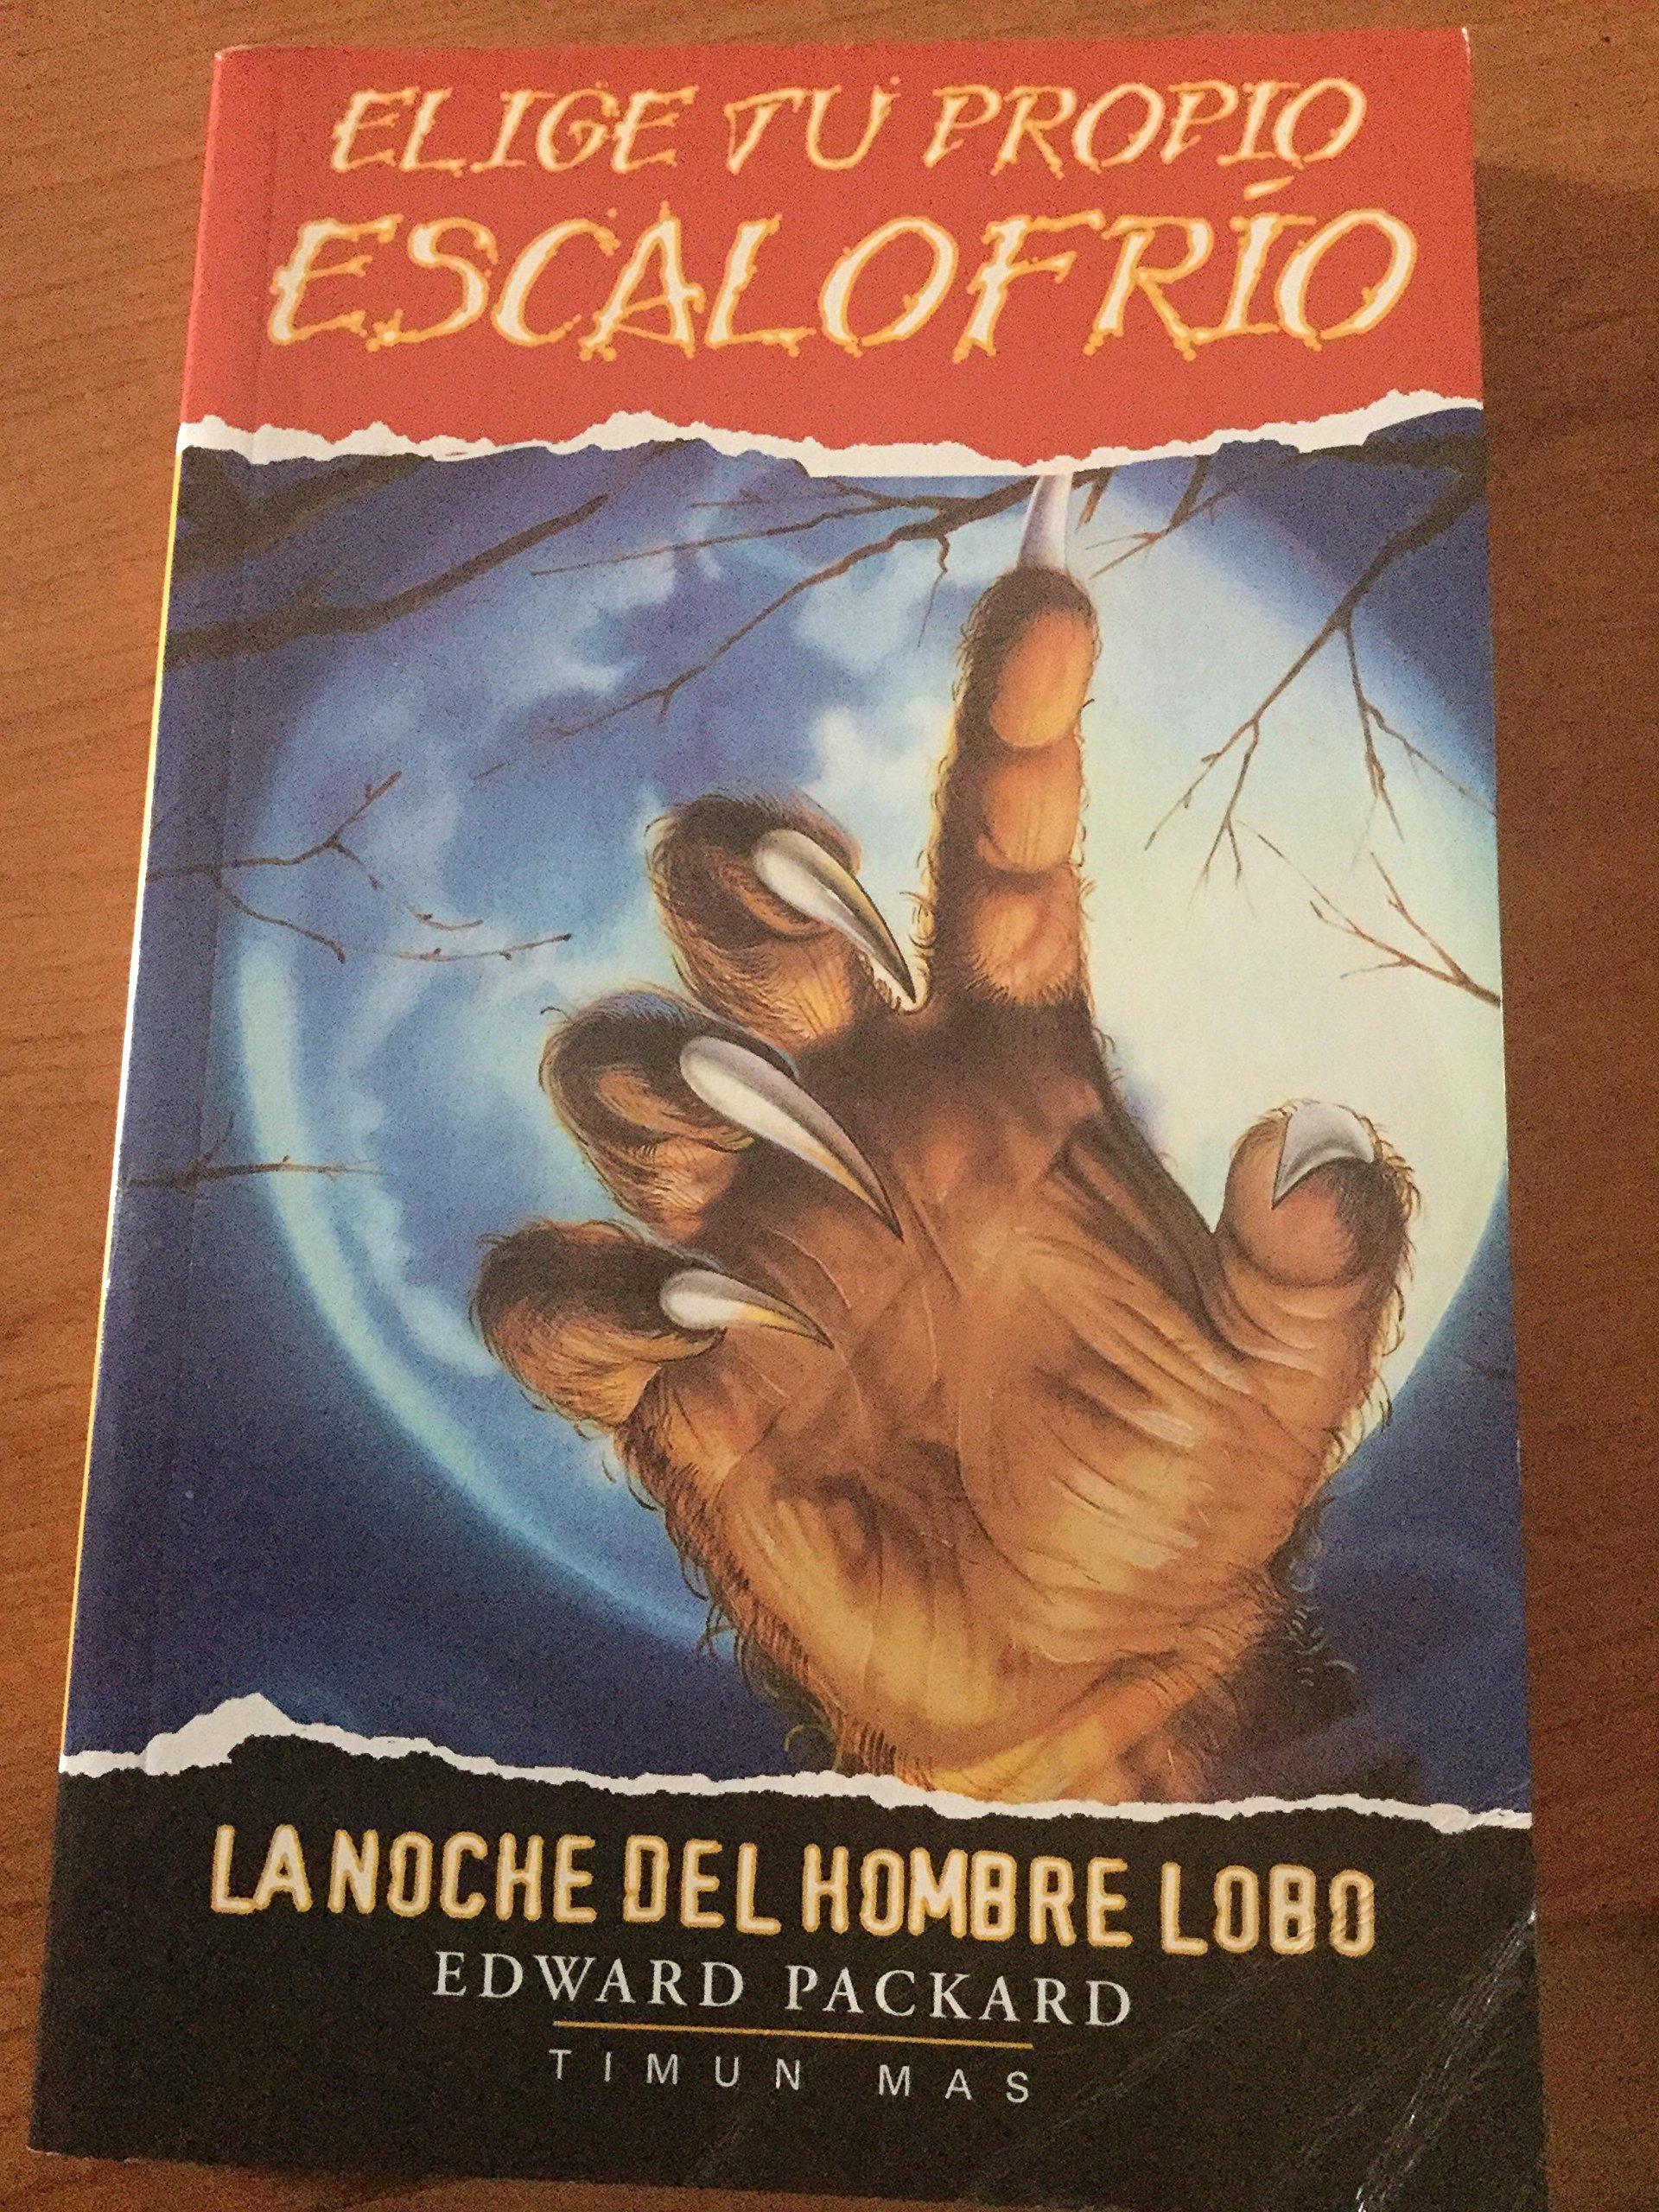 La noche del hombre lobo: Amazon.es: Edward Packard: Libros